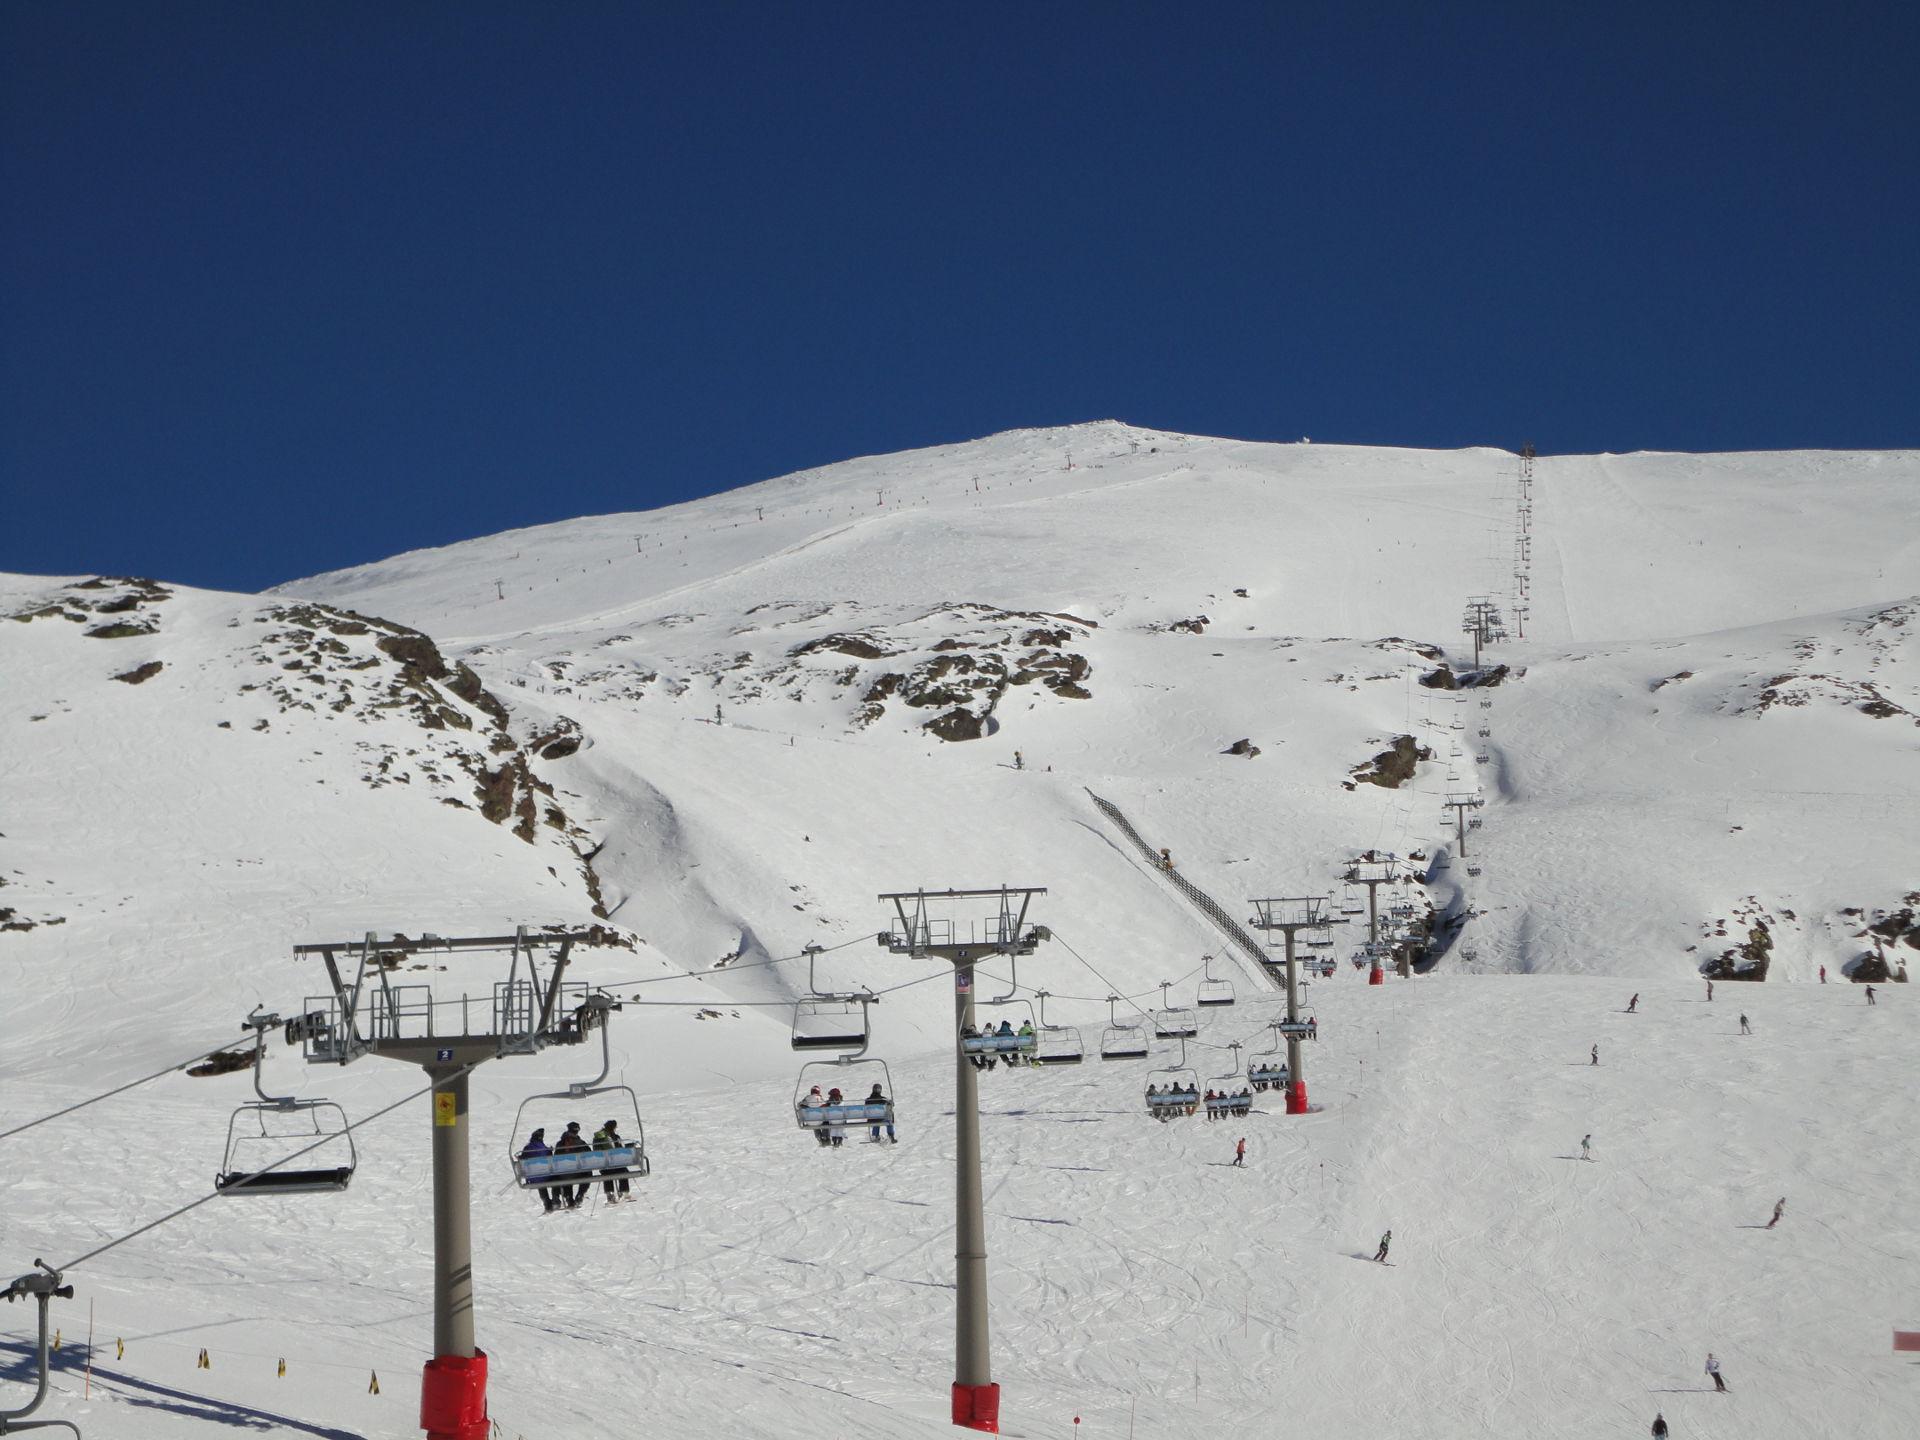 skiing in Spain - Sierra Nevada